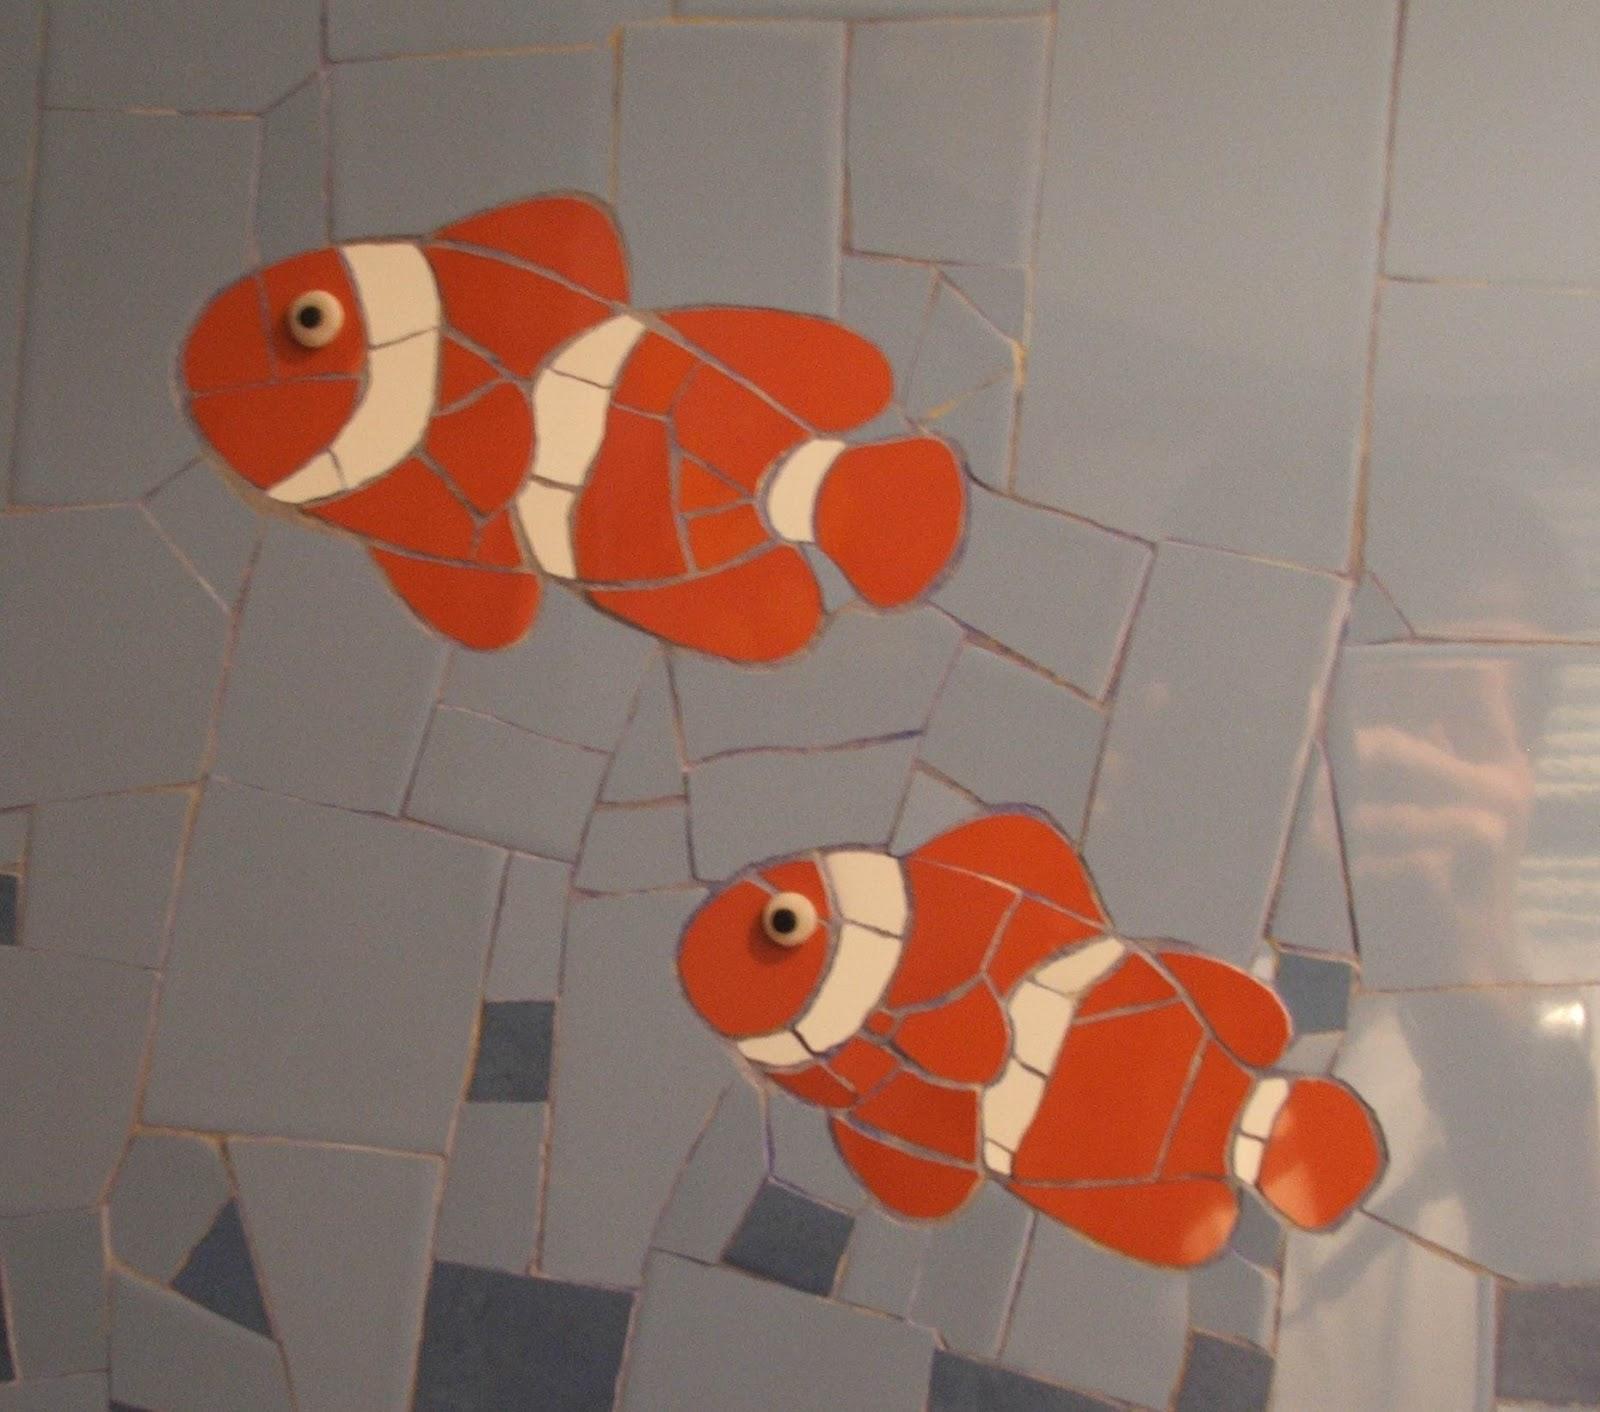 Séverine peugniez créations: fresque marine en mosaïque dans une ...